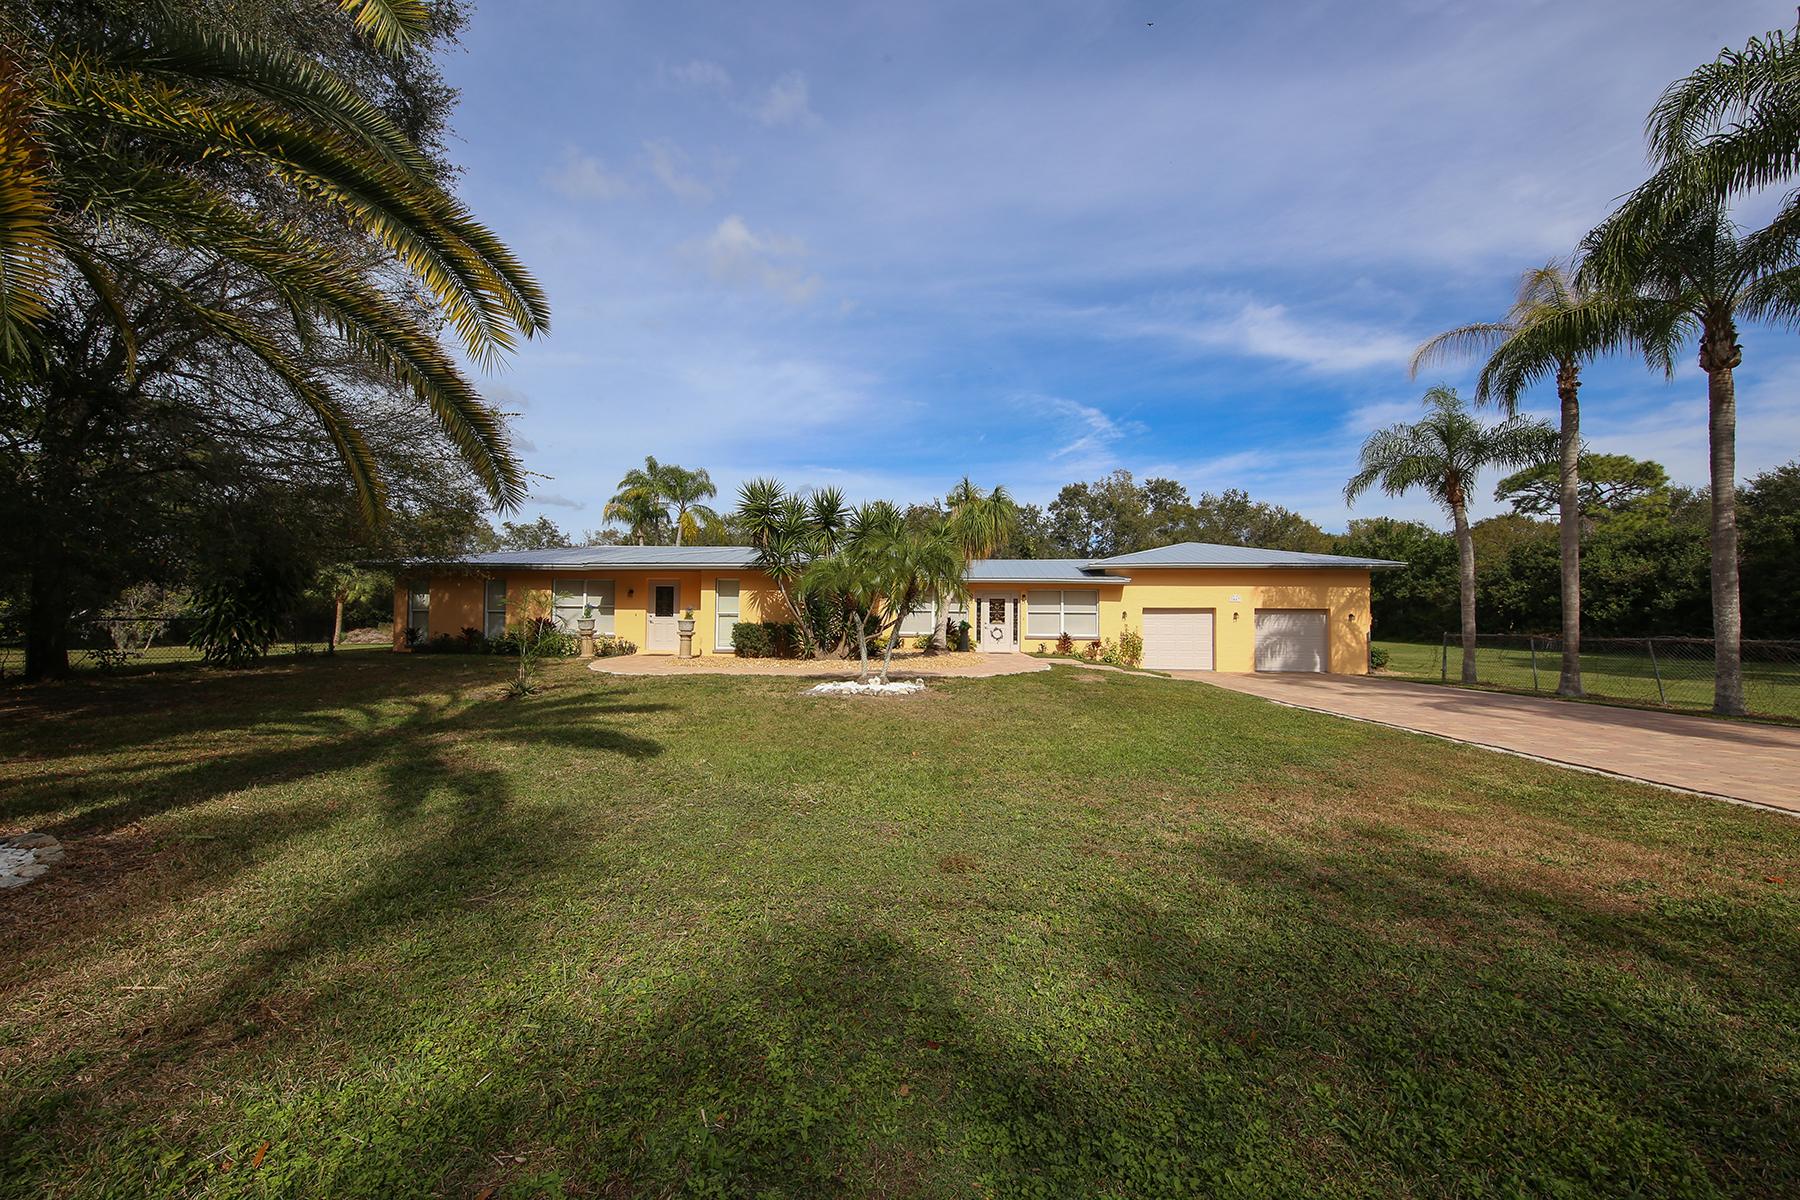 Villa per Vendita alle ore DESOTO ACRES 2447 49th St Sarasota, Florida, 34234 Stati Uniti